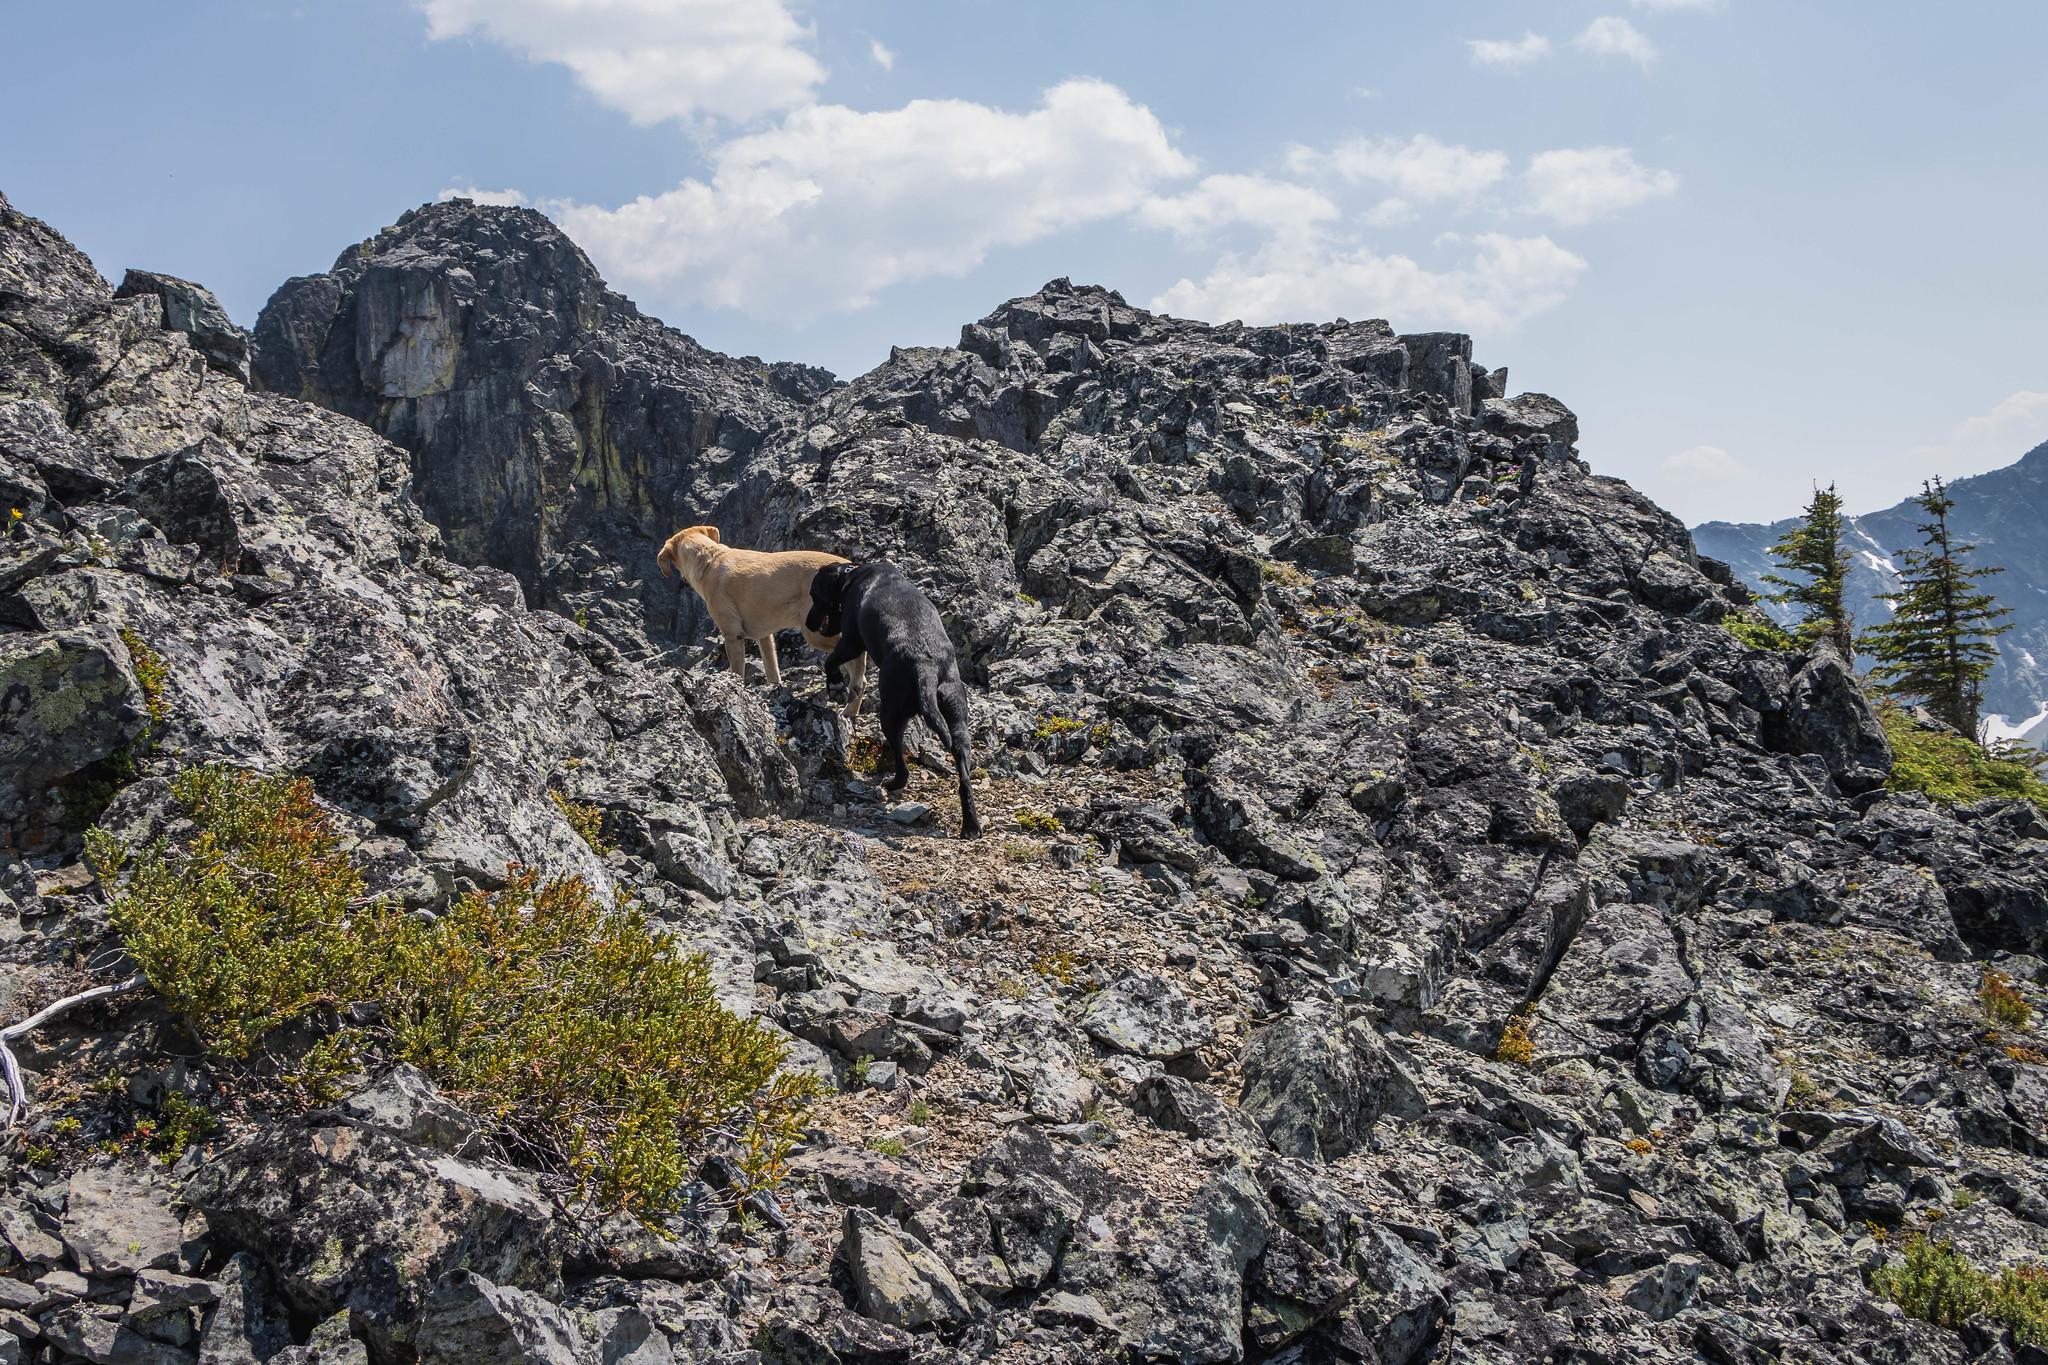 This way to Eightmile Peak